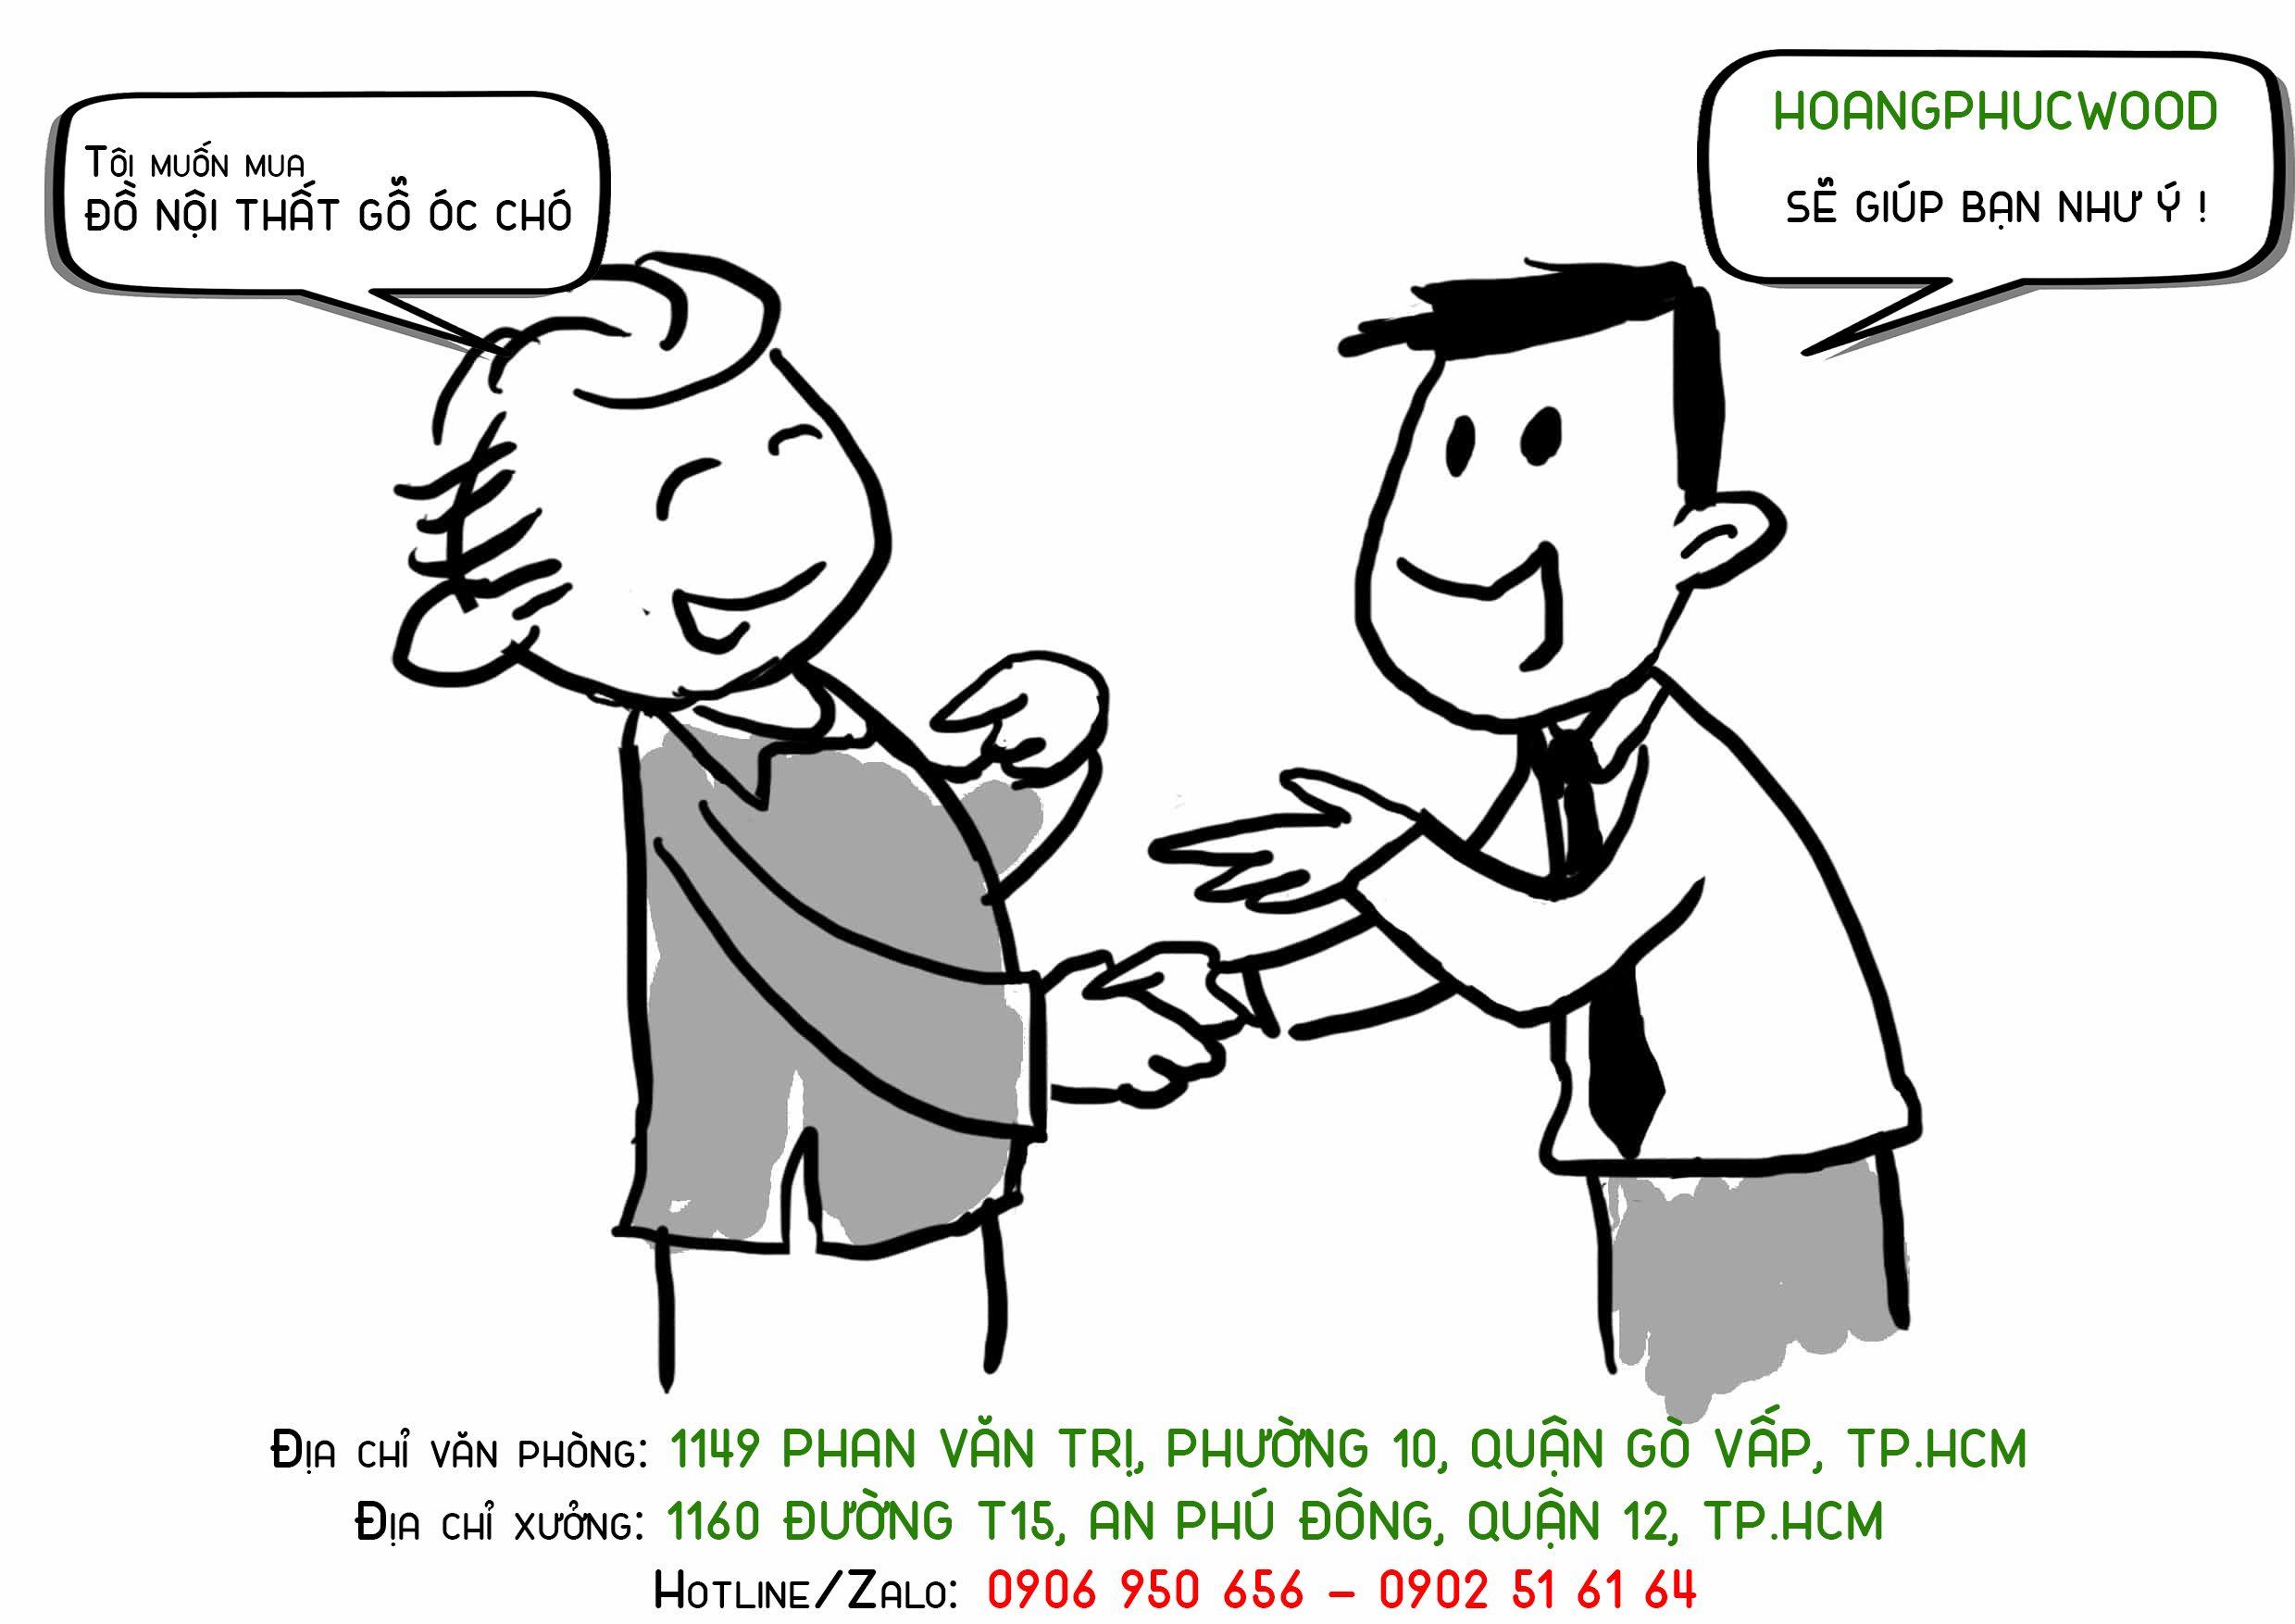 Quang Cao Noi That Go Oc Cho 2